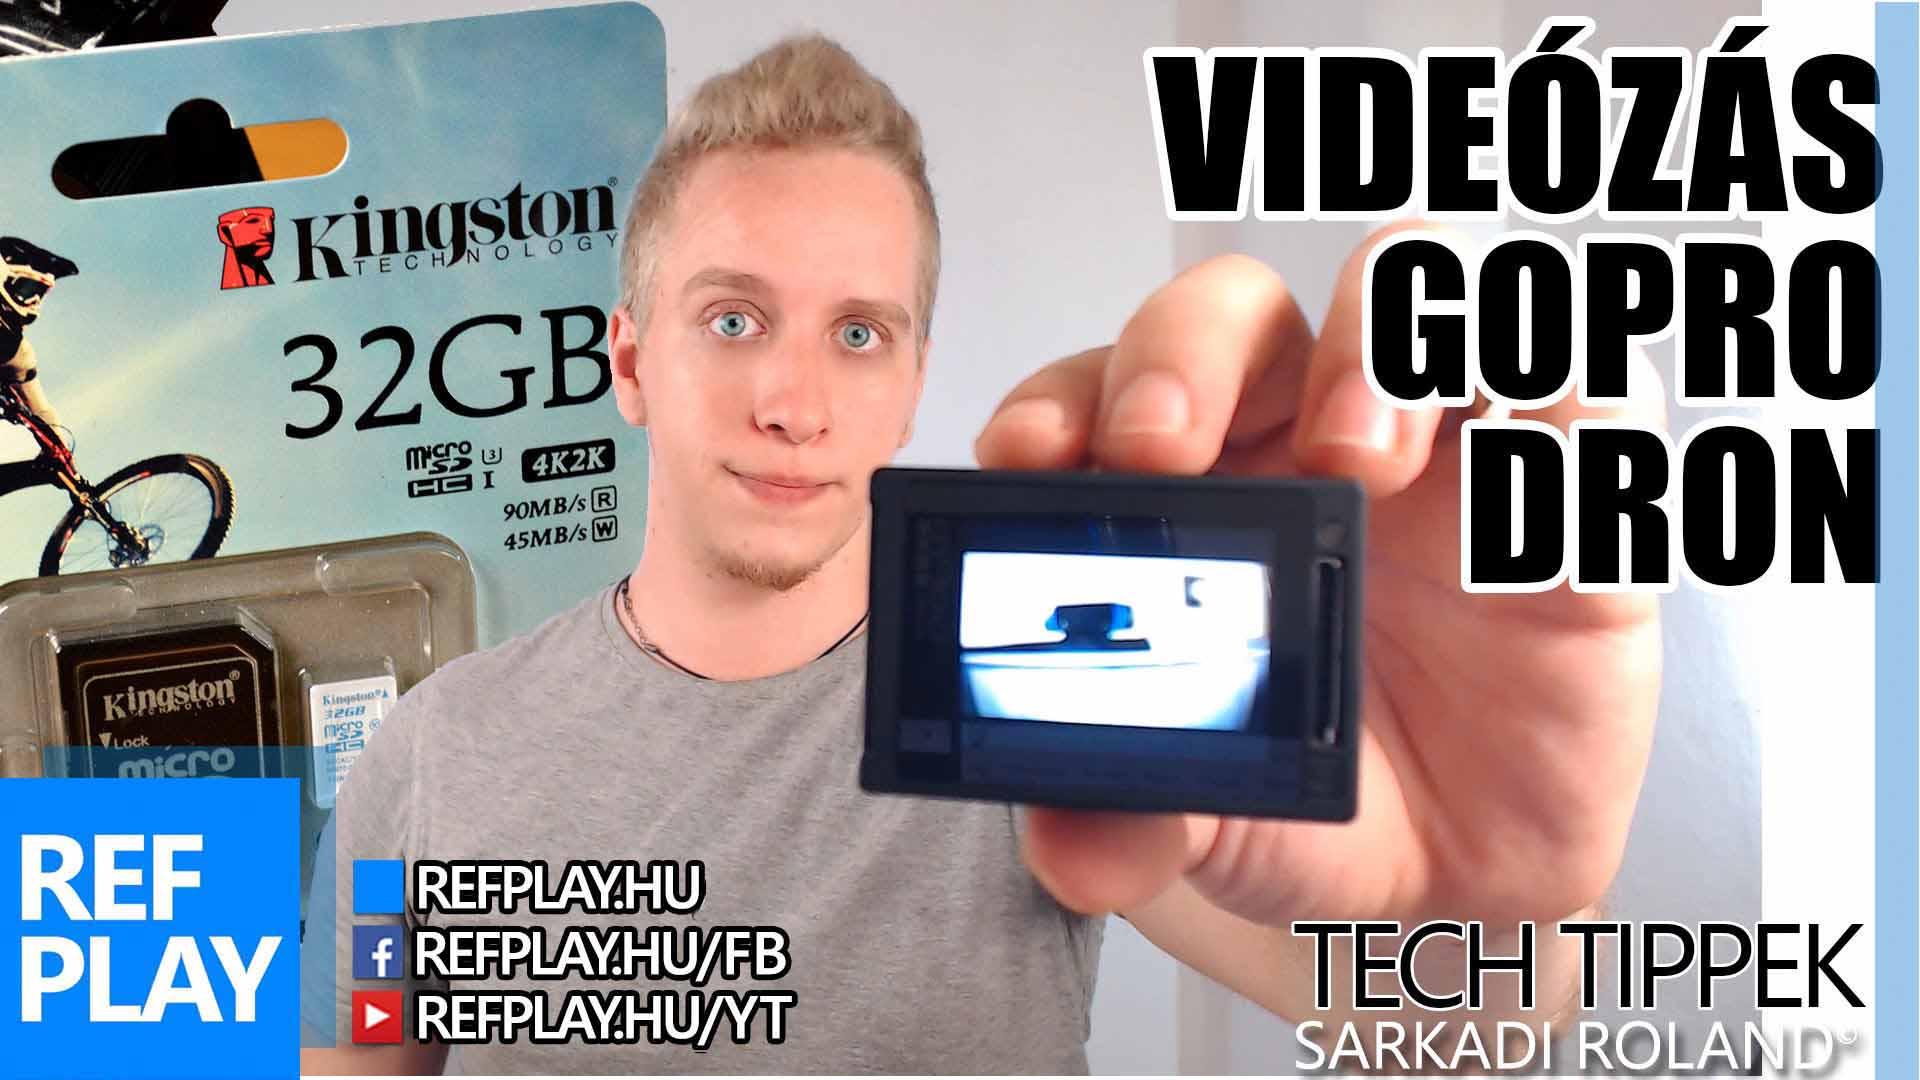 GOPRO, DRONE és VIDEÓSOKNAK memóriakártya! | Kingston SDCAC microSD | TECH TIPPEK